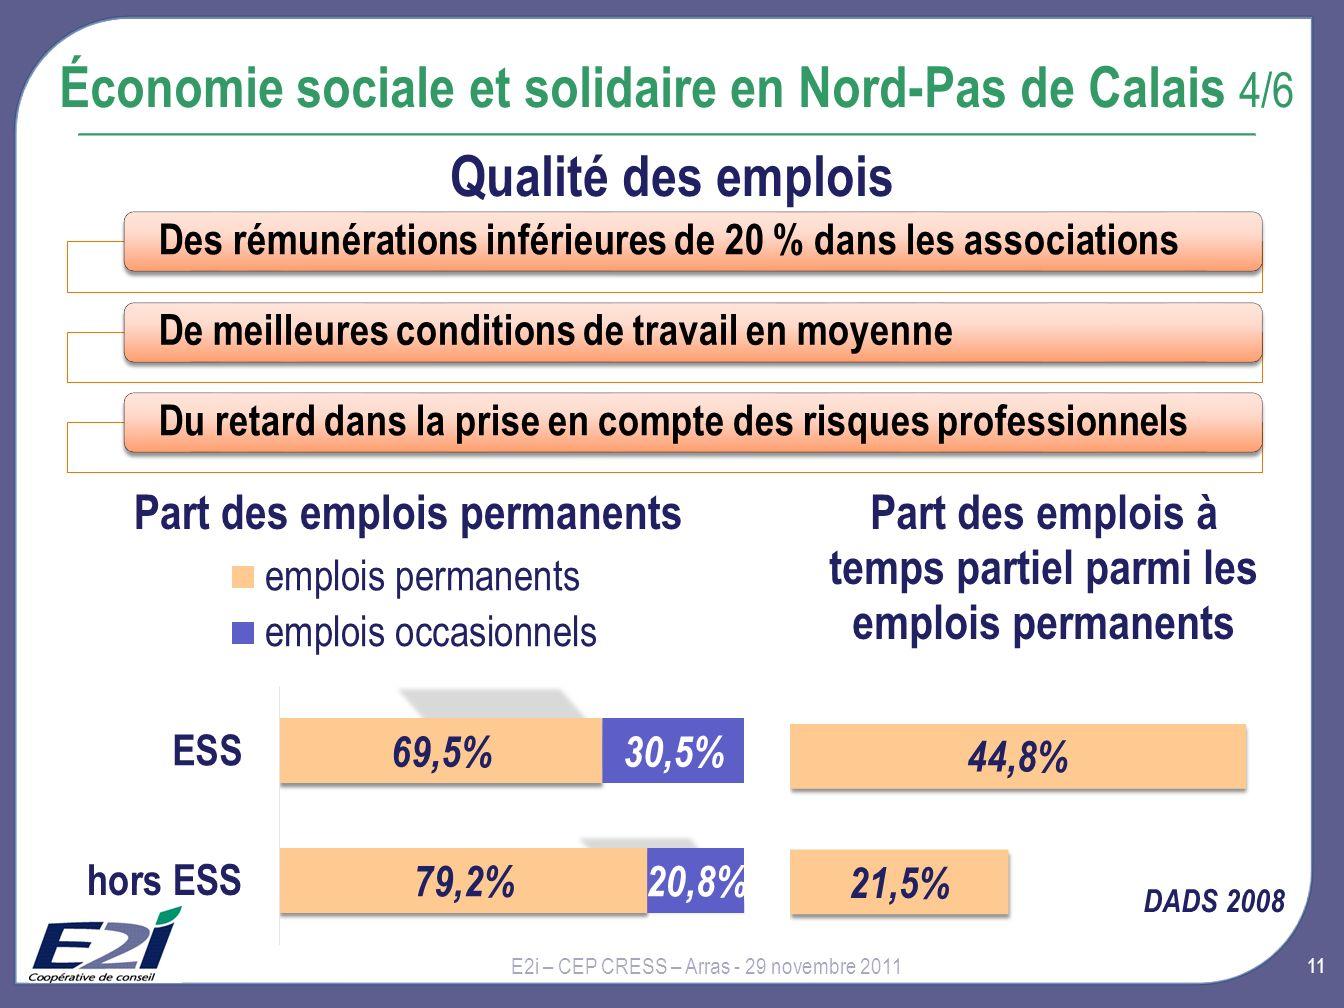 Économie sociale et solidaire en Nord-Pas de Calais 4/6